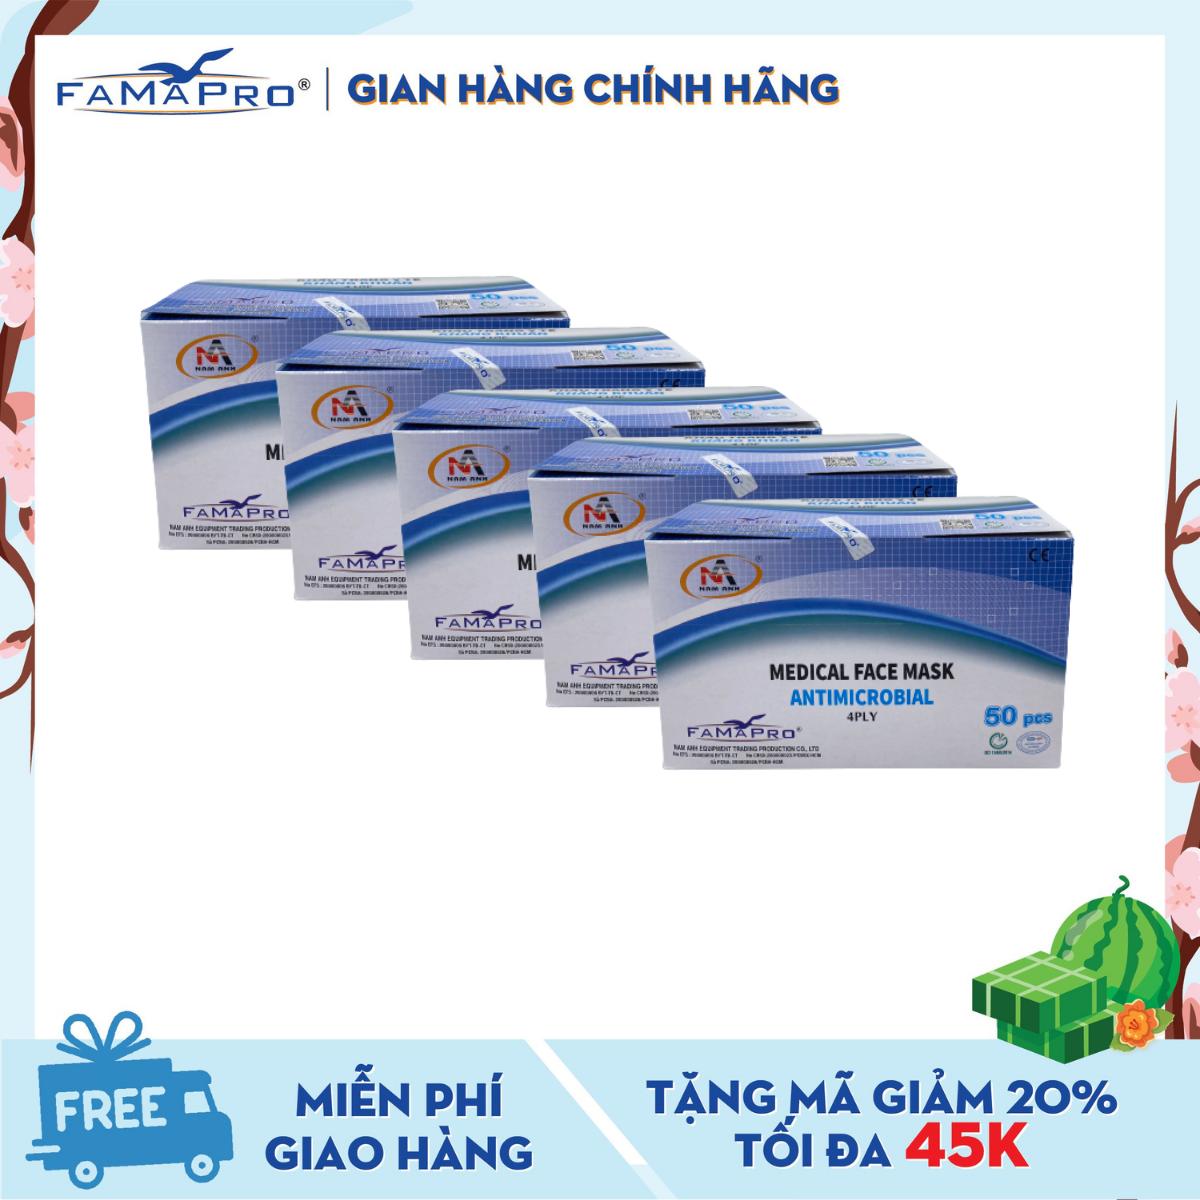 Combo 5 hộp khẩu trang y tế 4 lớp kháng khuẩn Famapro (50 cái / Hộp)